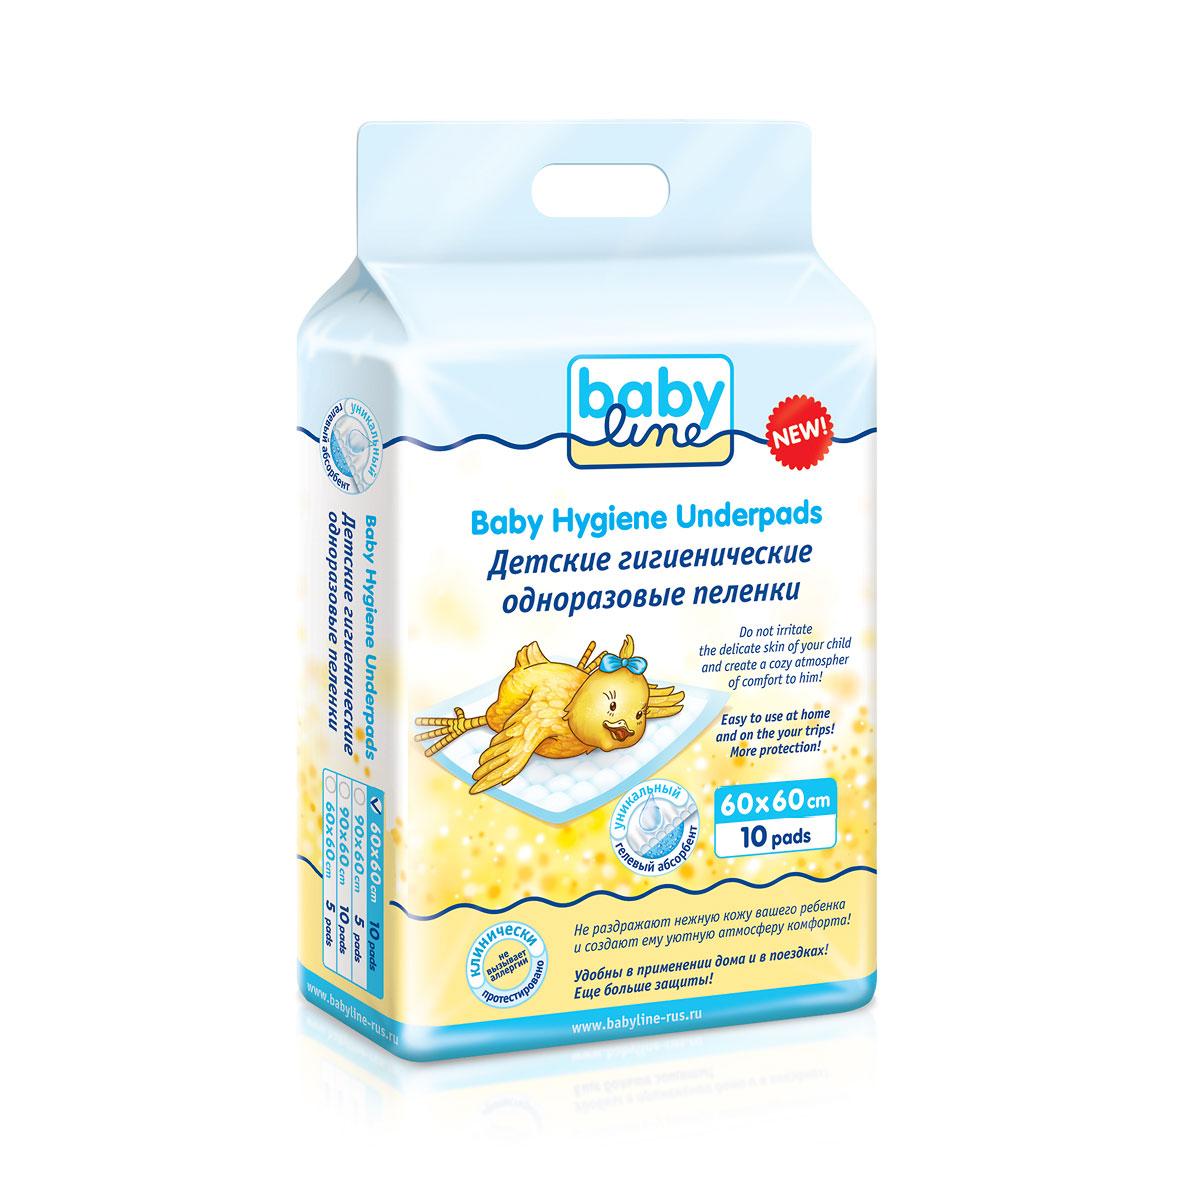 Пеленки Babyline одноразовые с гелевым абсорбентом 60х60 см (10 шт)<br>